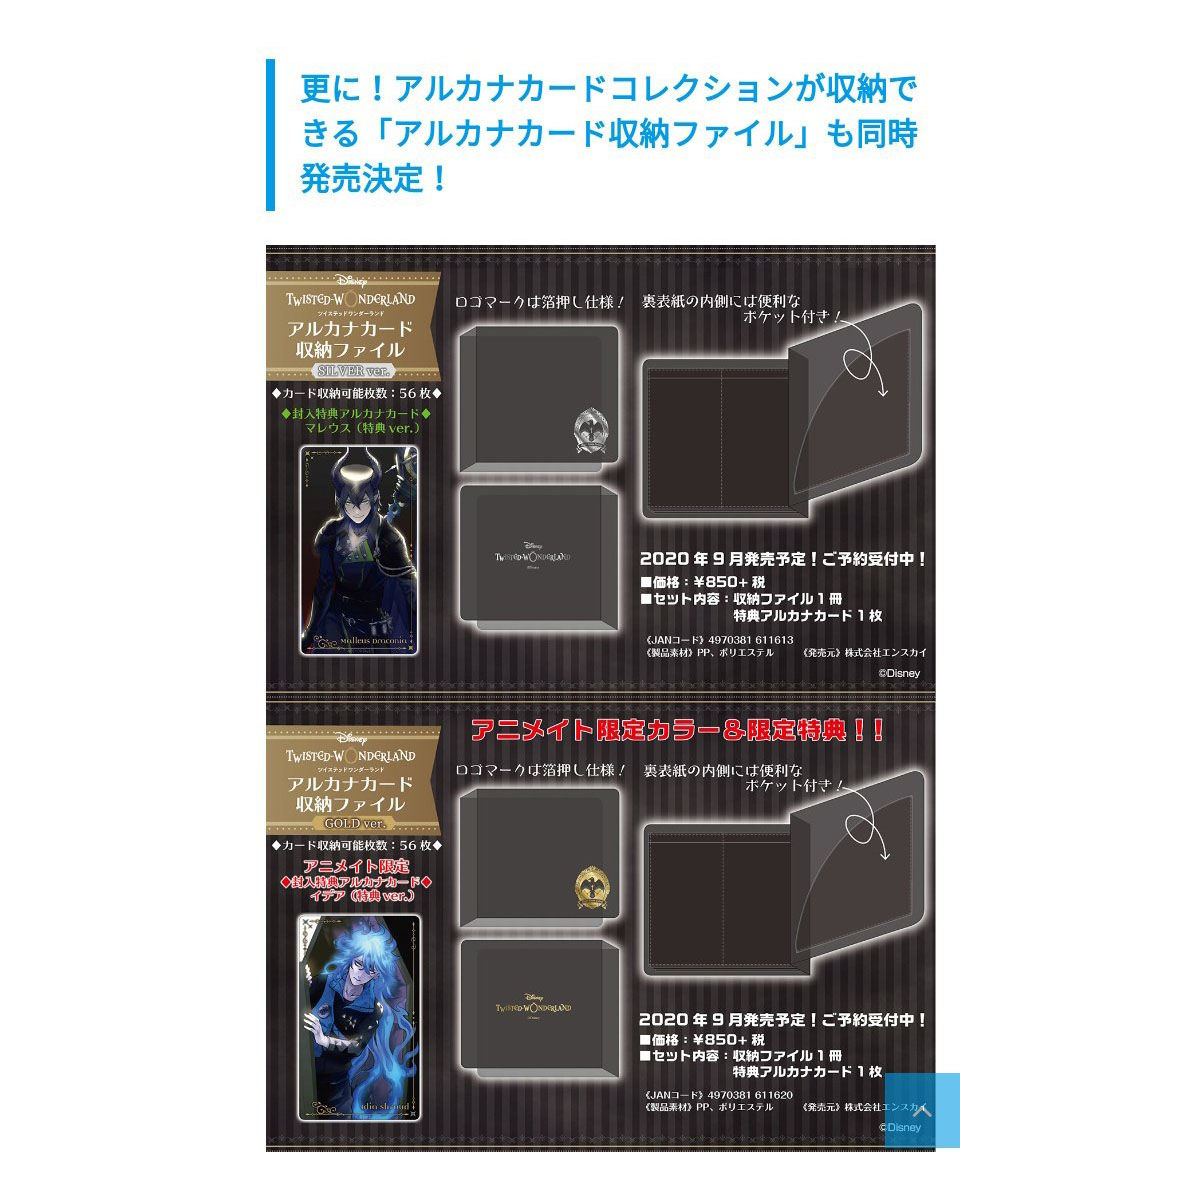 ディズニー ツイステッドワンダーランド『アルカナカードコレクション』15個入りBOX-003